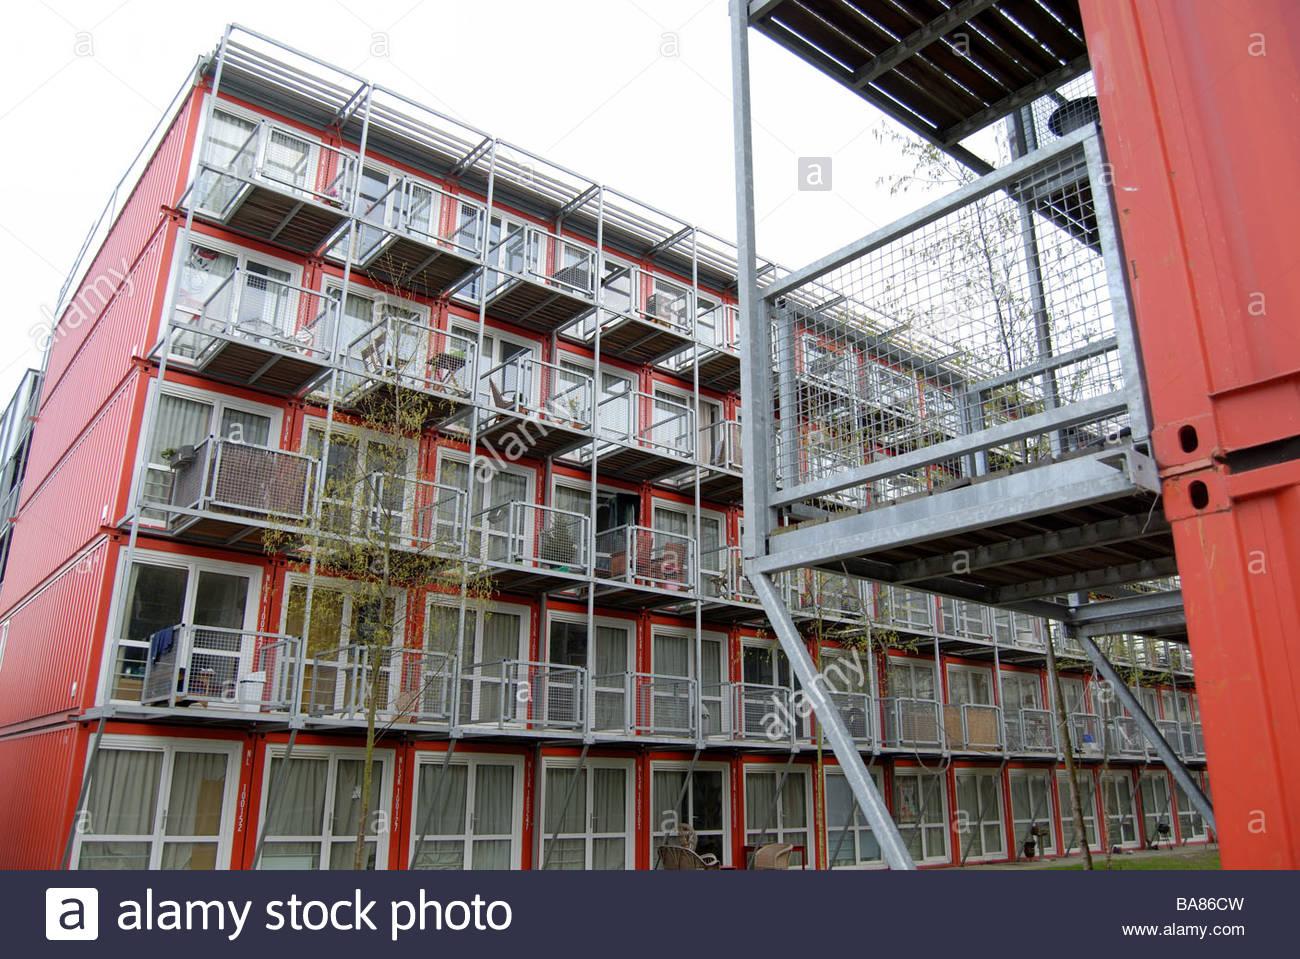 Amsterdam Paesi Bassi Keetwonen, alloggi per studenti, ha affermato di essere il contenitore più grande città Immagini Stock